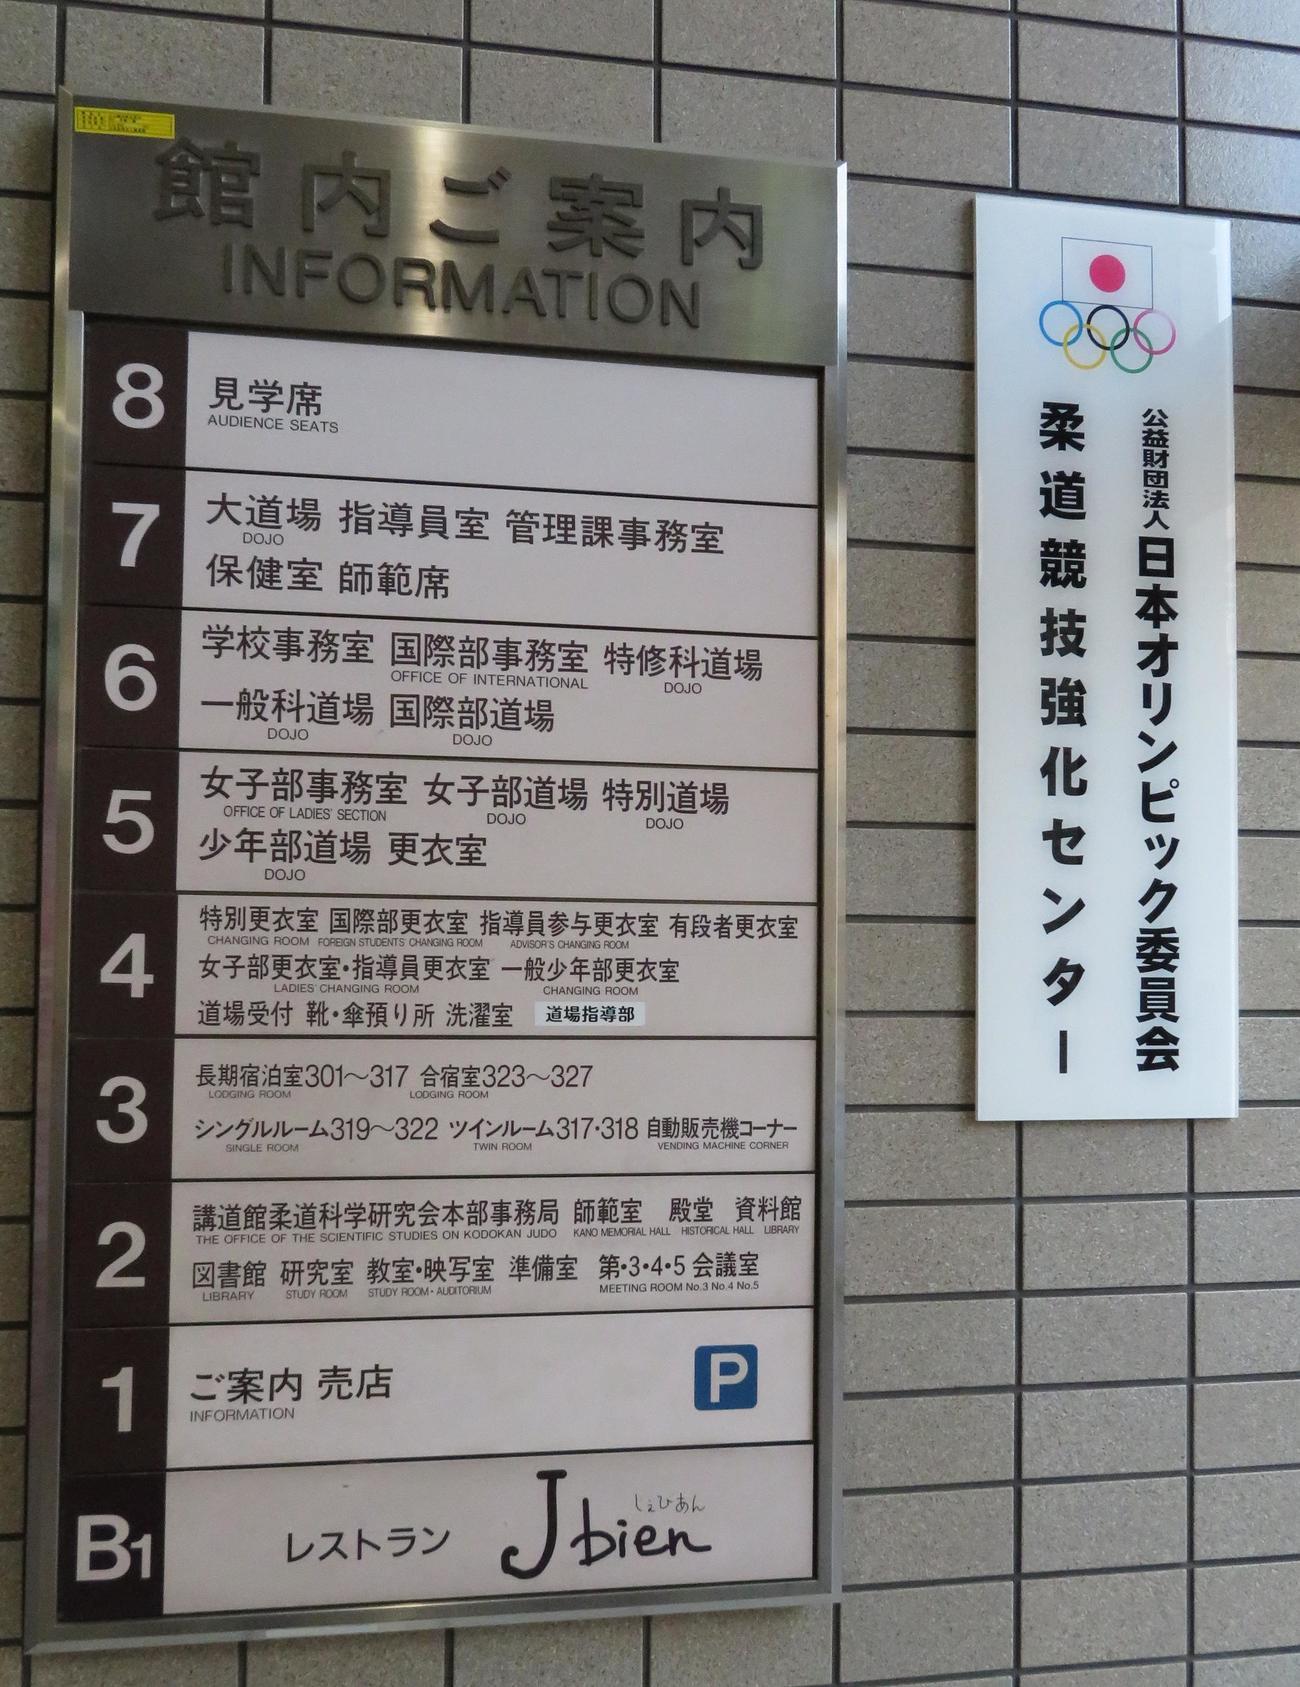 講道館新館の案内看板(撮影・峯岸佑樹)